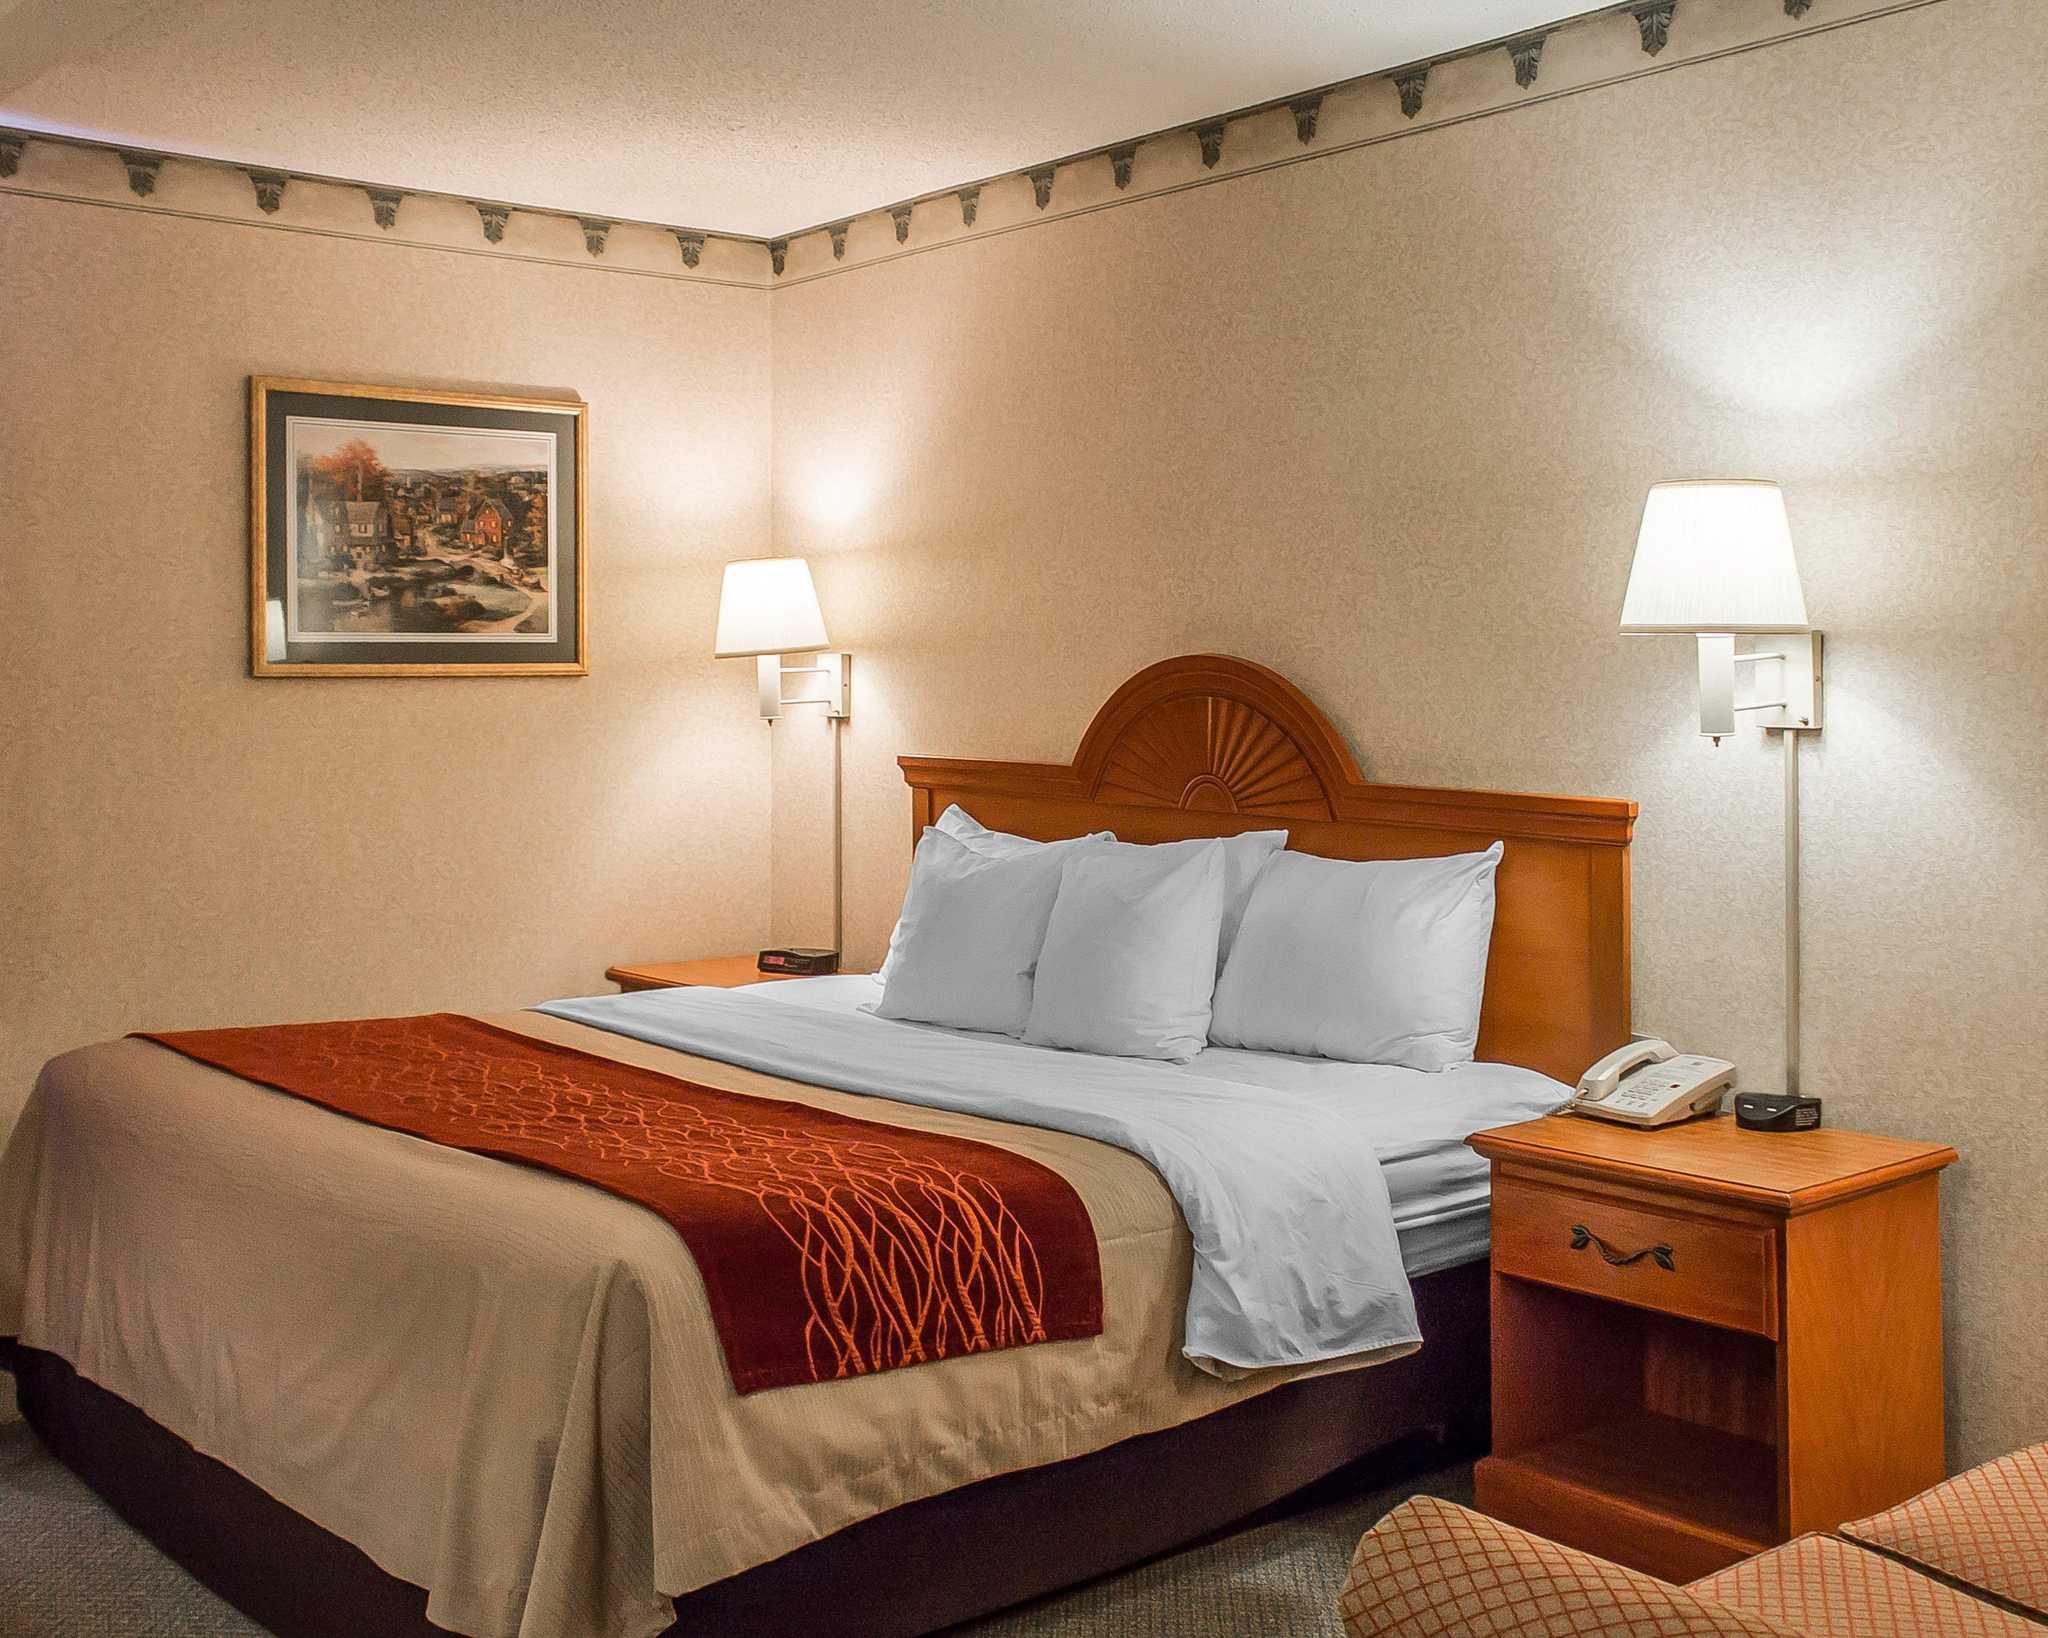 Comfort Inn Splash Harbor image 5